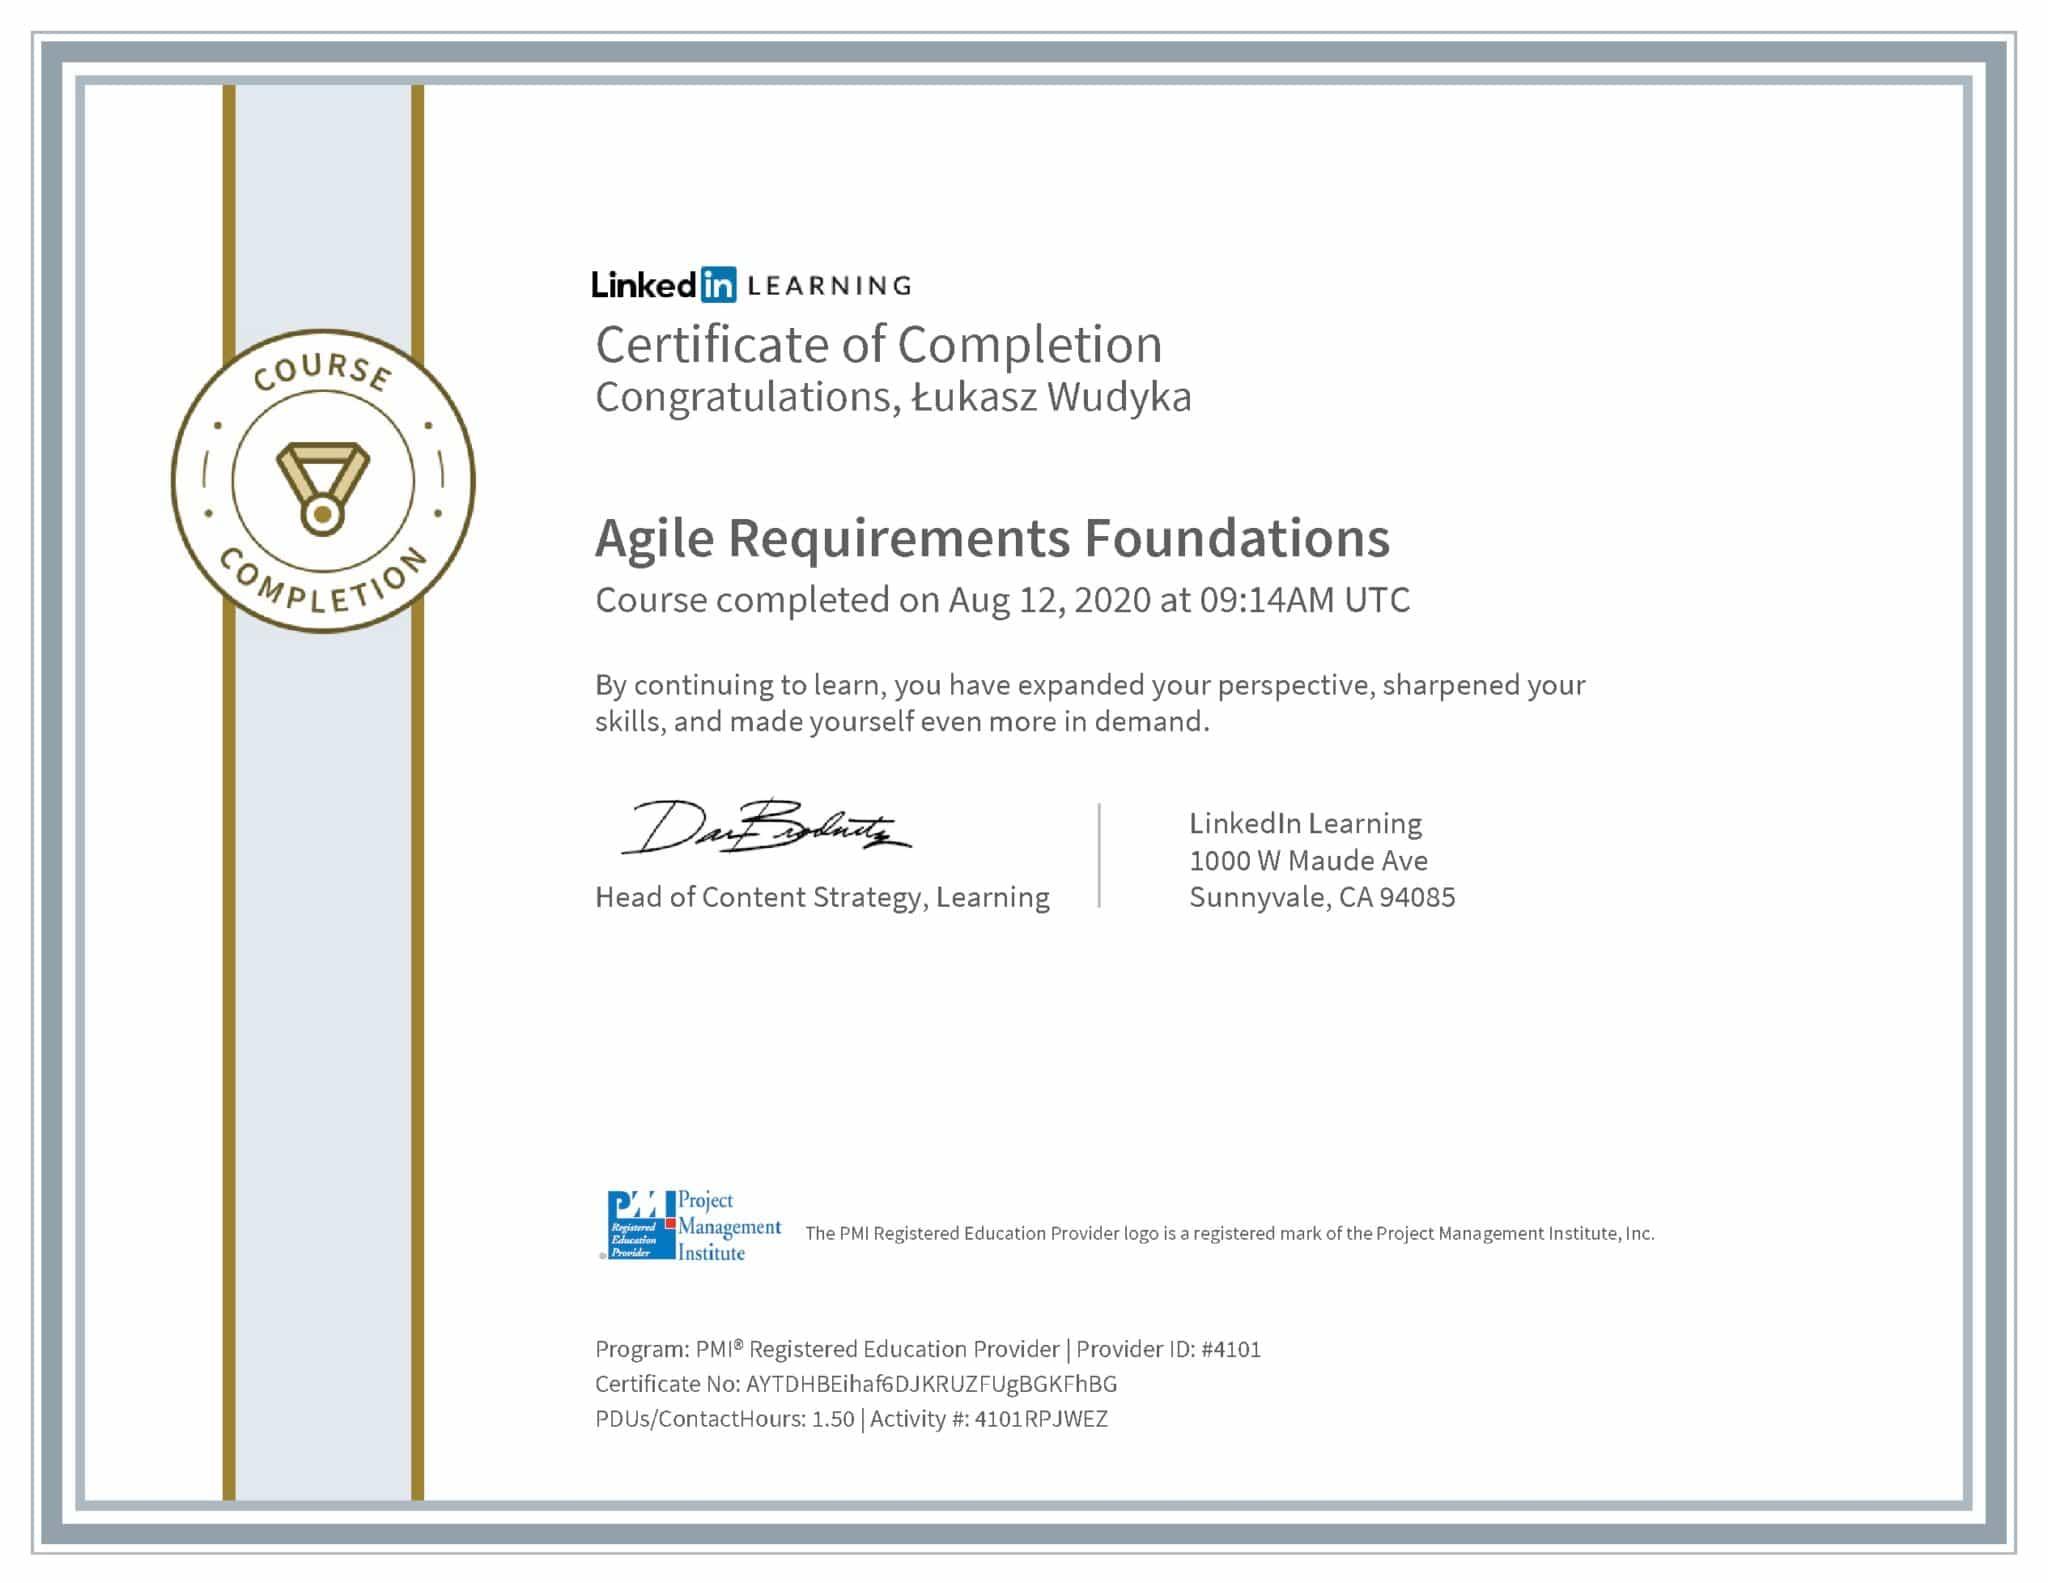 Łukasz Wudyka certyfikat LinkedIn Agile Requirements Foundations PMI